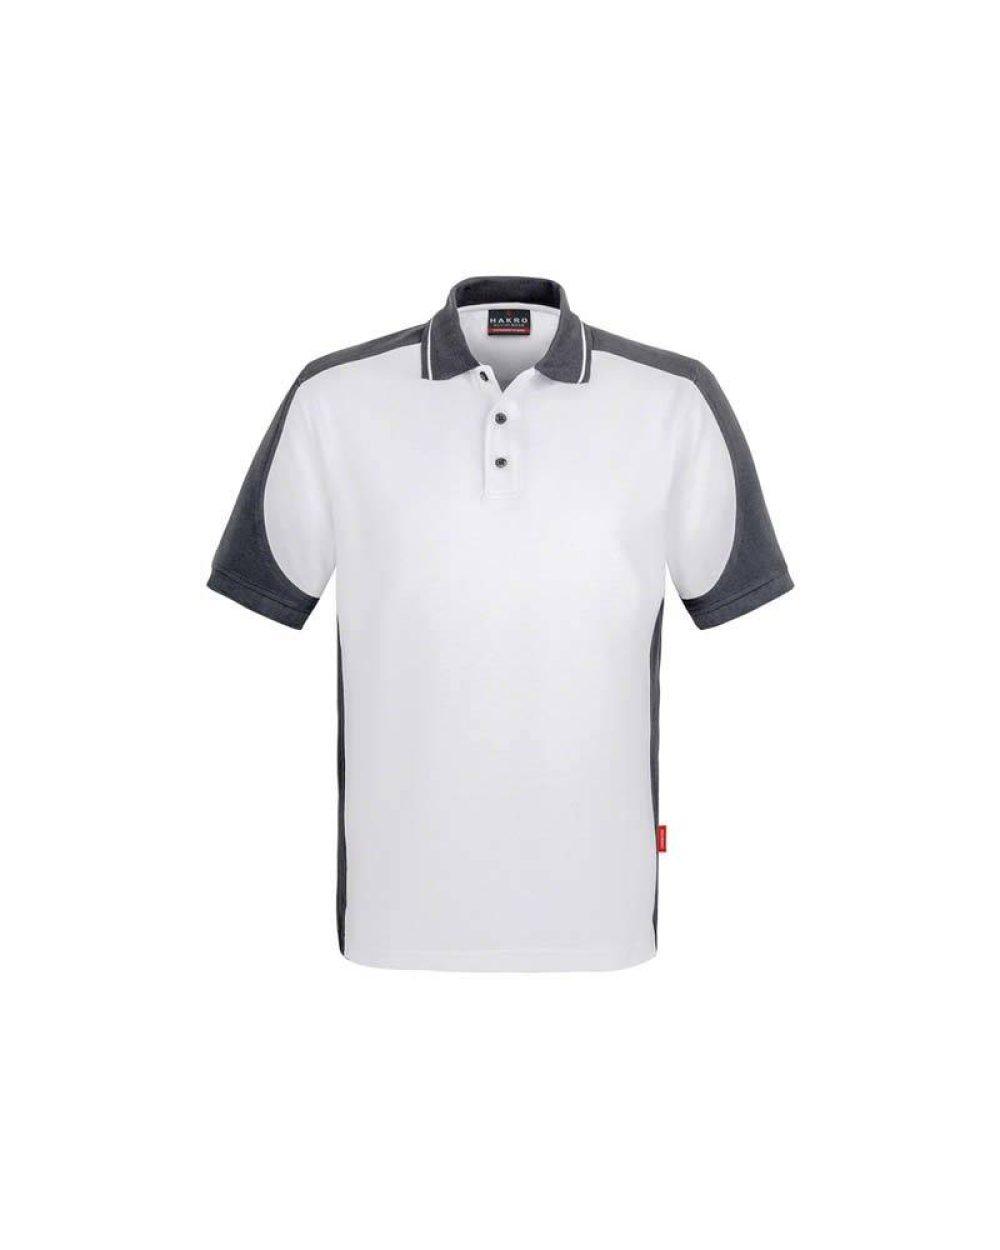 hakro-shirt-xl0839001